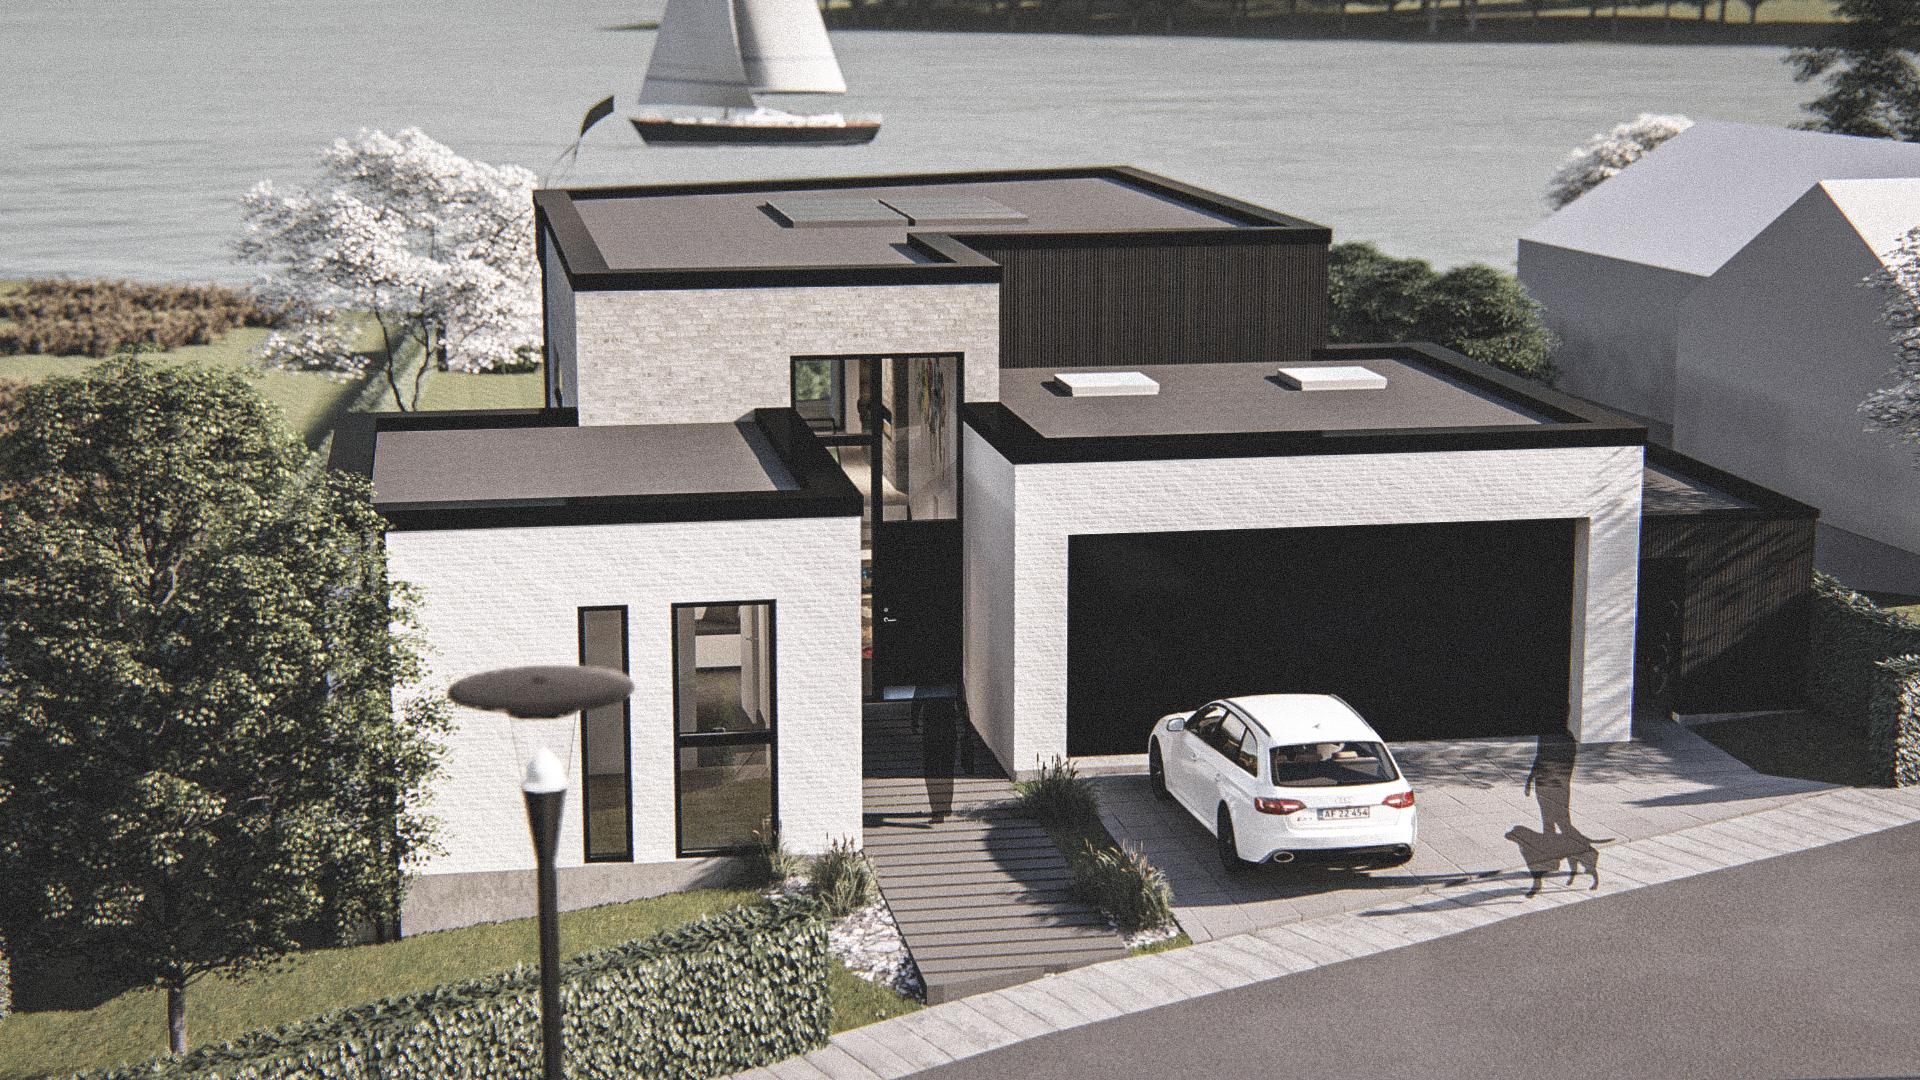 Billede af Dansk arkitekttegnet 3 plan villa af arkitektfirmaet m2plus, i Silkeborg på 211 kvartratmeter.